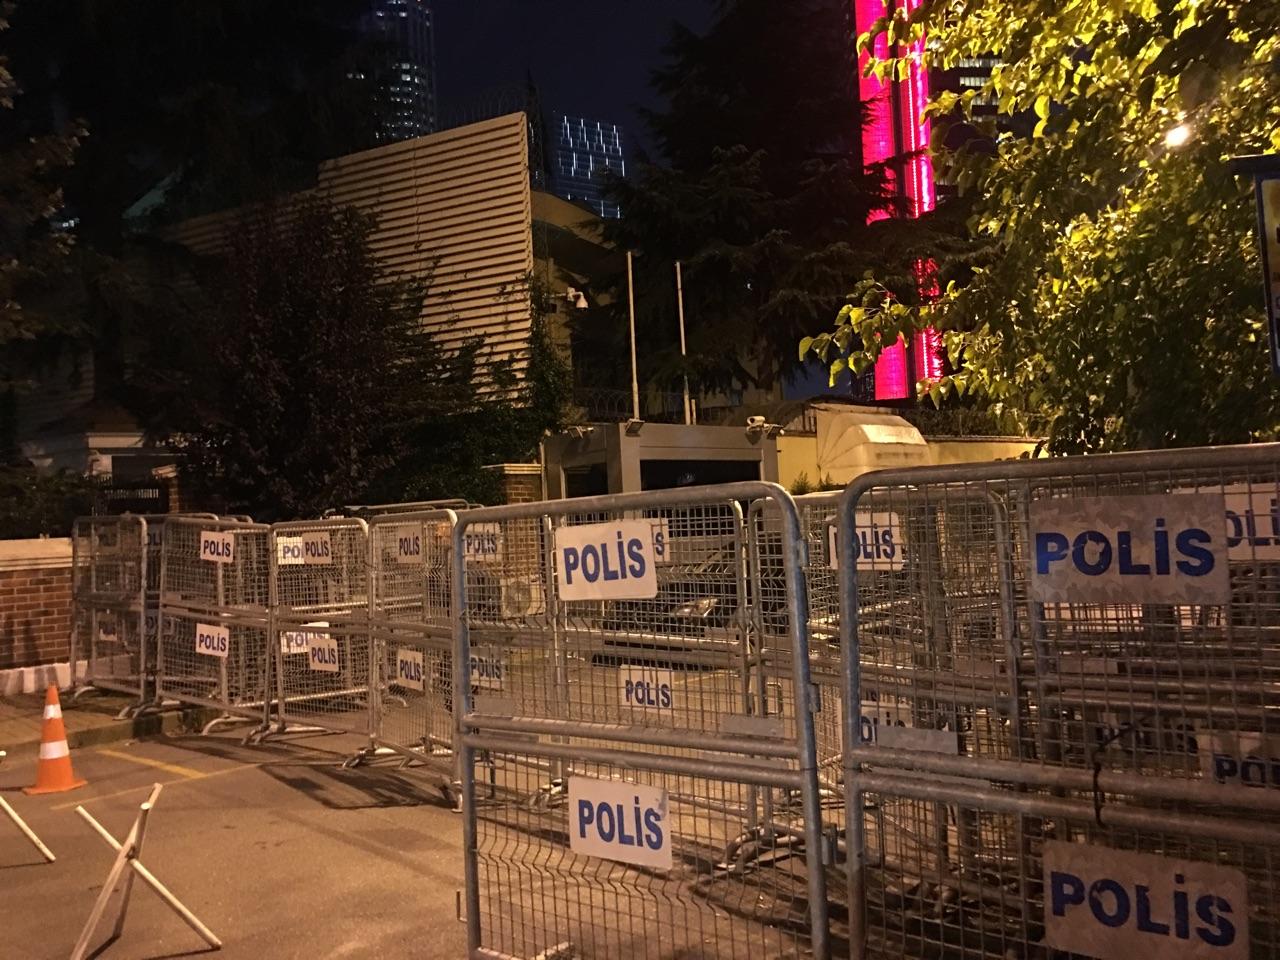 عربي21 تنقل الأجواء حول قنصلية الرياض في اسطنبول صور